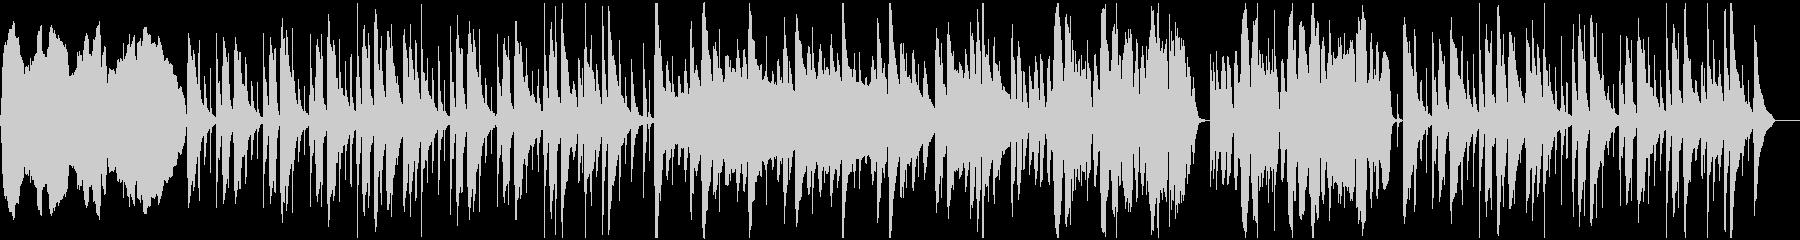 のどか系チェロ、バイオリン、ピアノBGMの未再生の波形